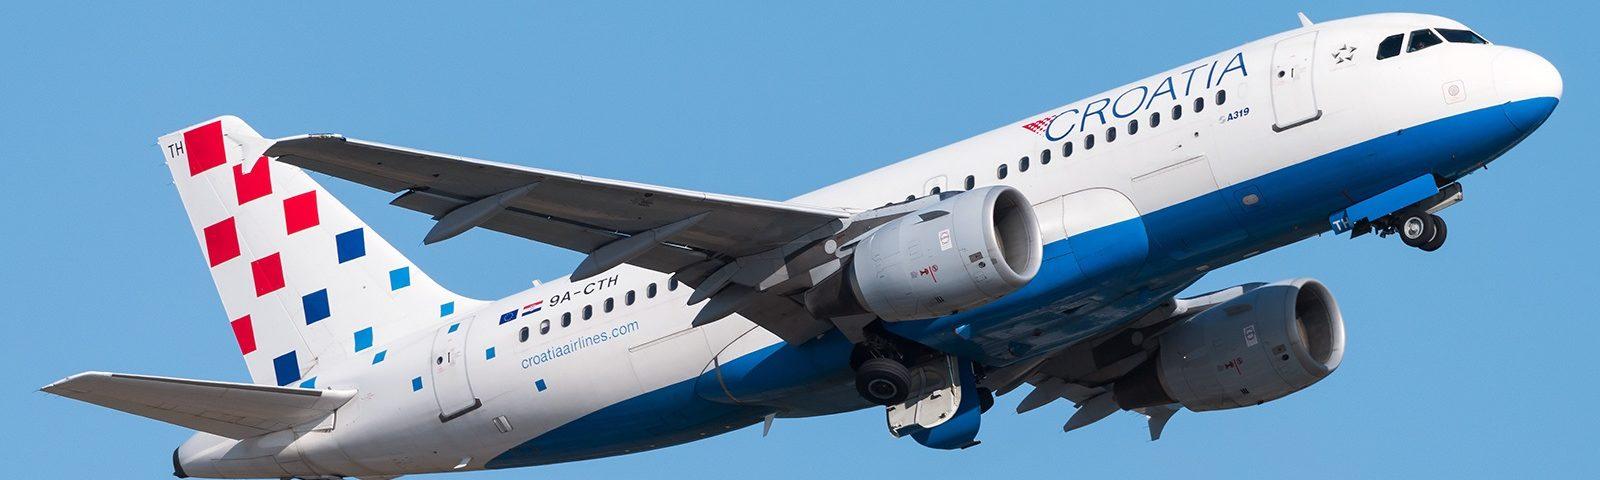 Croatia Airlines: все, что нужно знать об авиакомпании